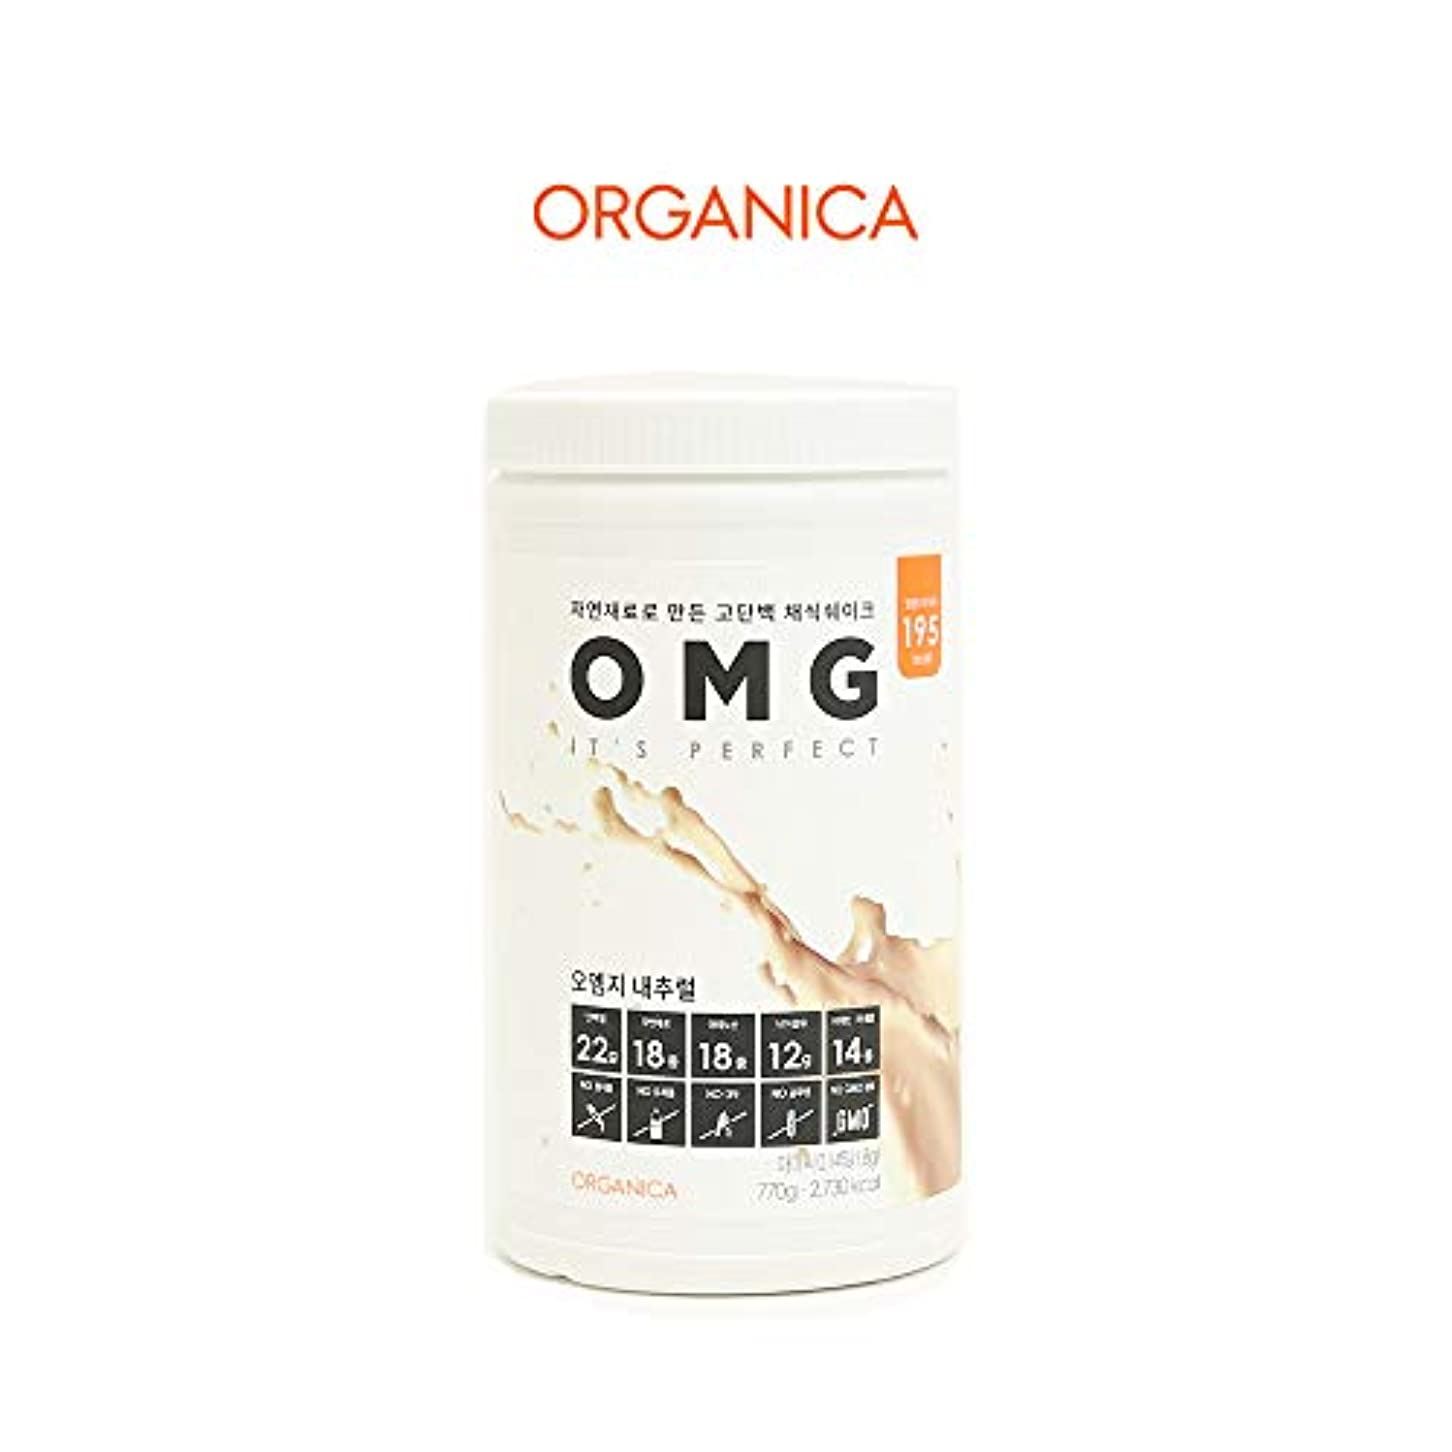 フラフープ肉屋咽頭オーエムジー タンパク質 ダイエット シェイク (OMG, protein shake) (ナチュラル)